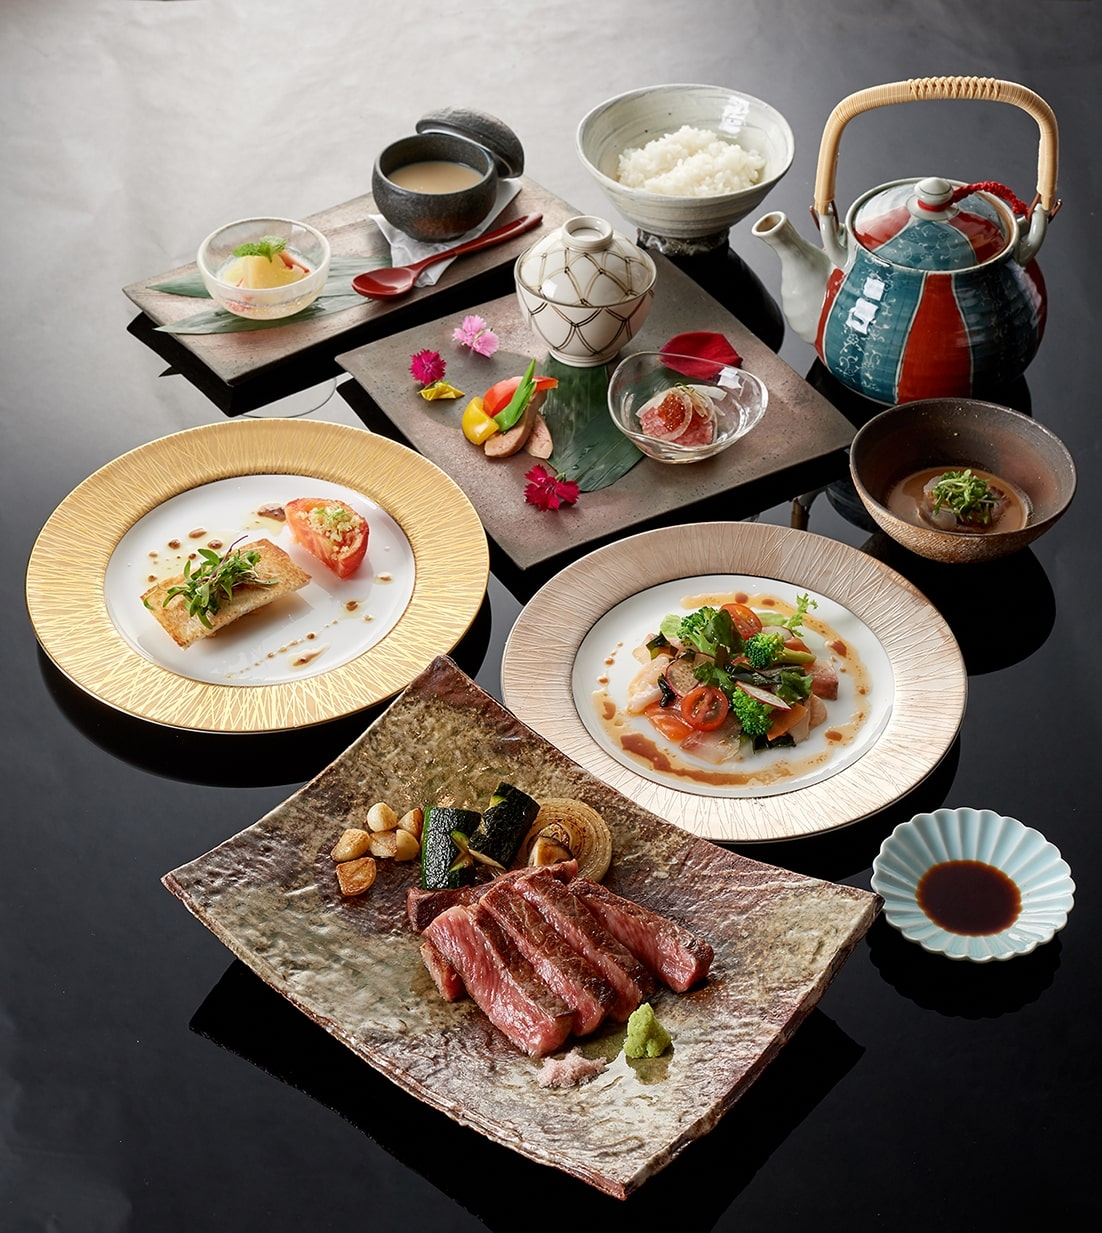 頂級佐賀牛太誘人!美福大飯店x日本米其林「季樂餐廳」推限定套餐,饕客不吃會後悔